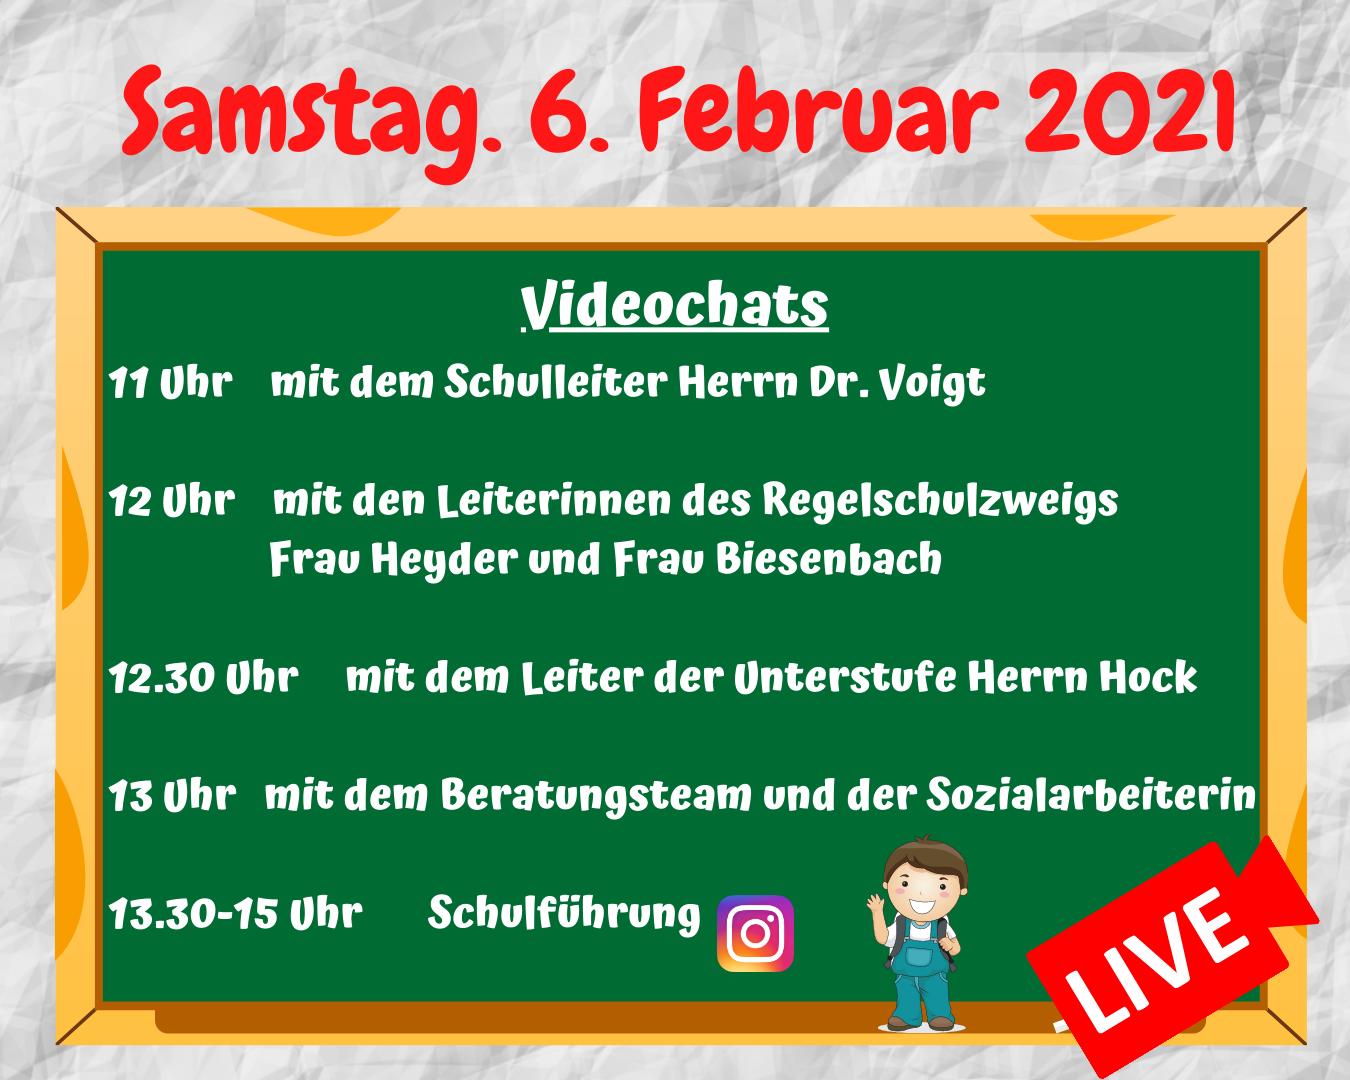 Digitaler Tag der offenen Tür – Live Informationen!